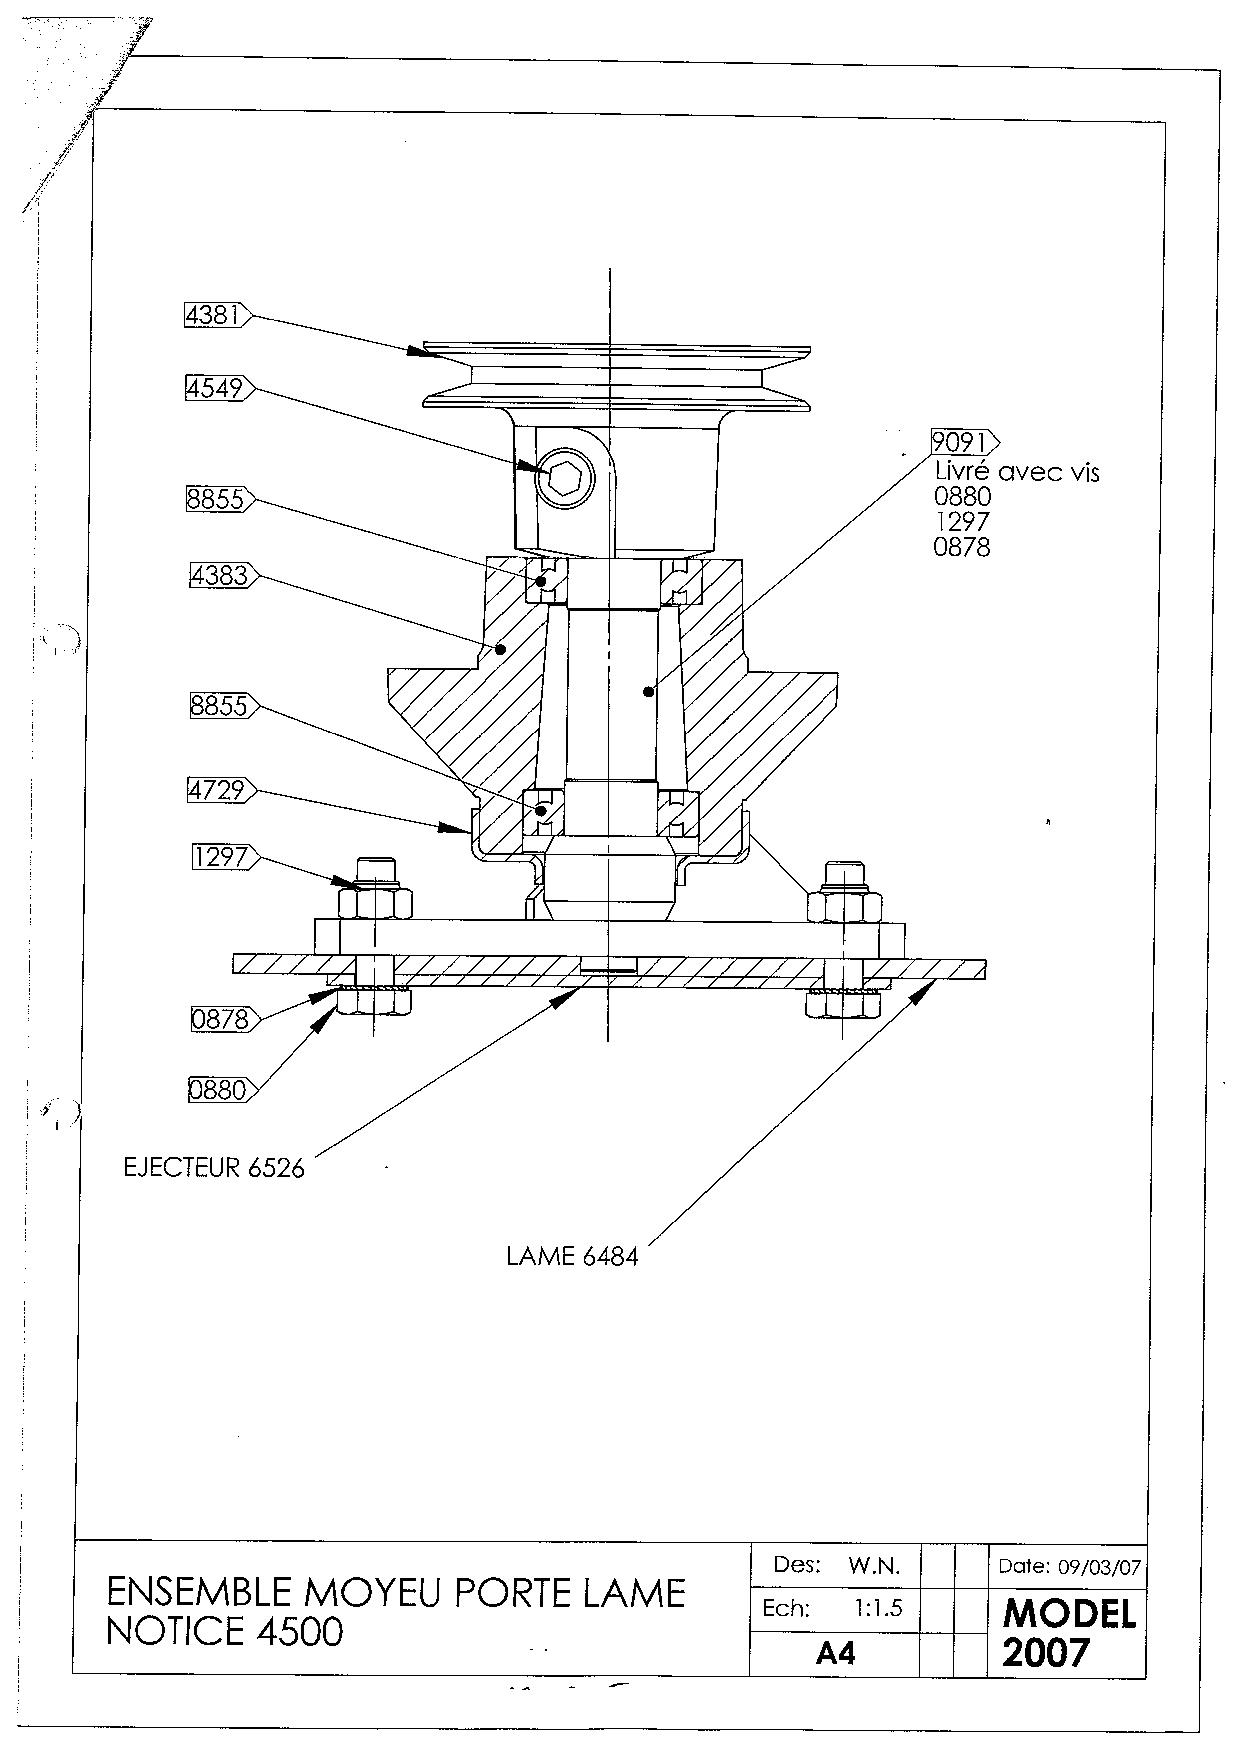 TDF 51 Débroussailleuse à roues oleomac Dessins pièces -  Vue éclatée palier